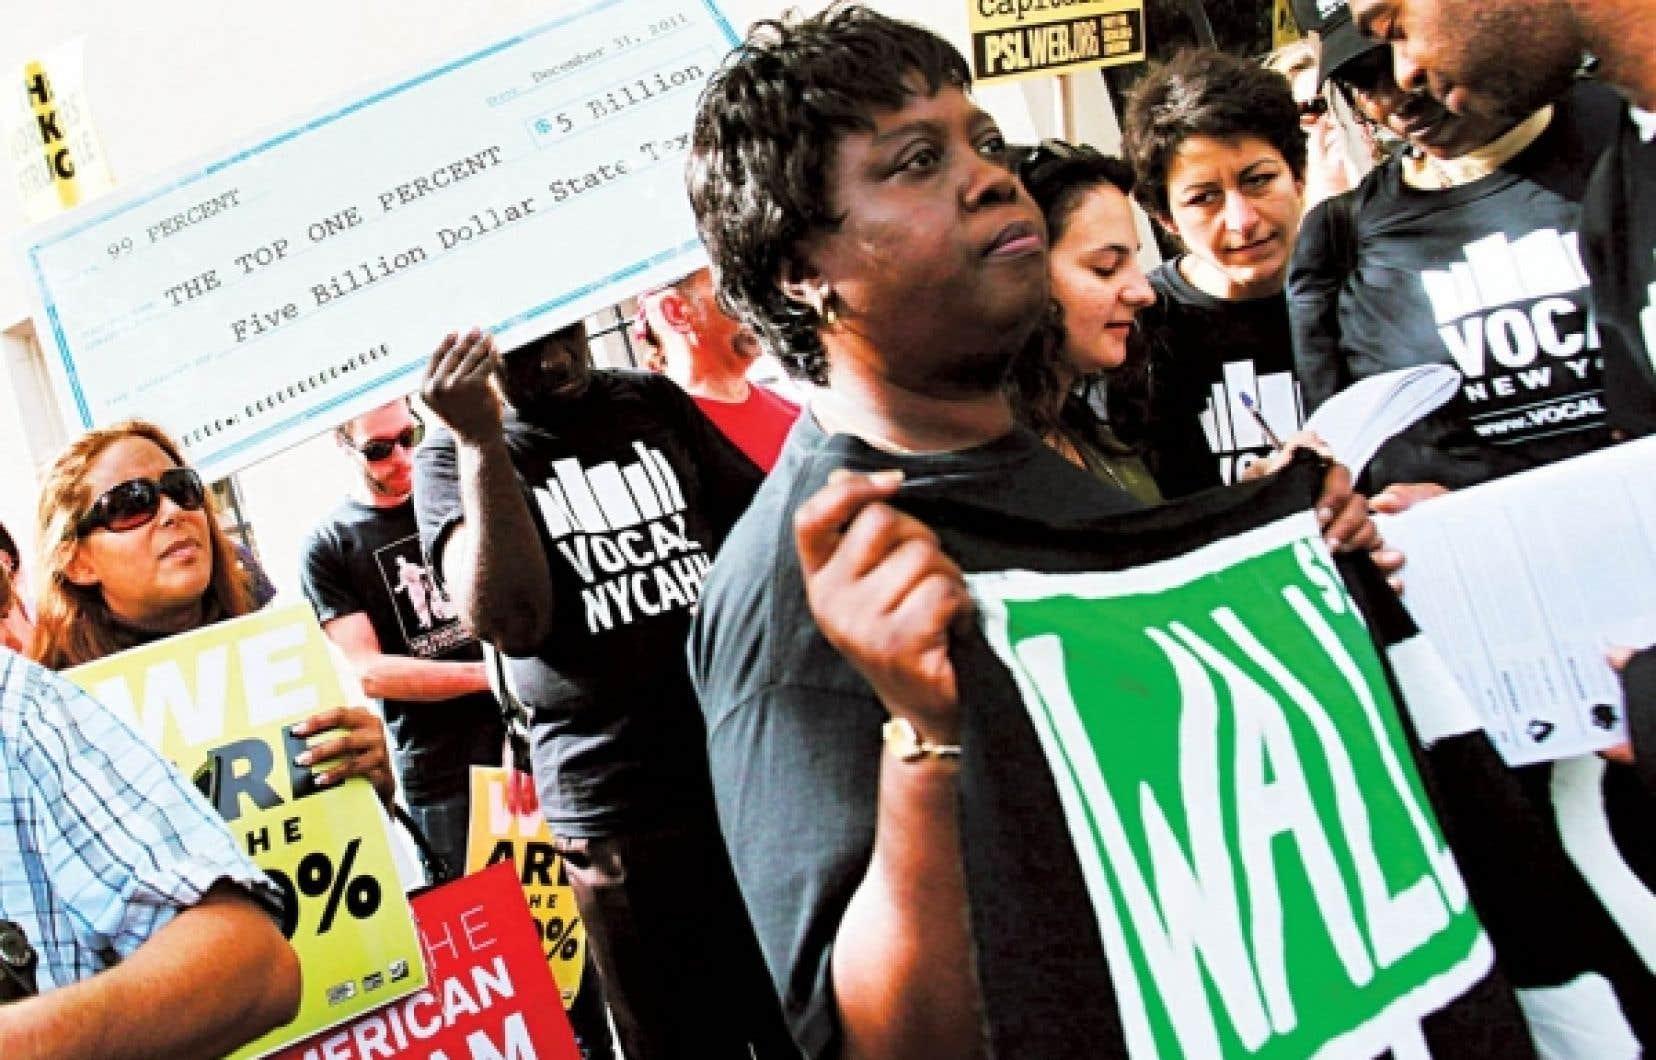 Ce que le mouvement Occupy Wall Street rappelle aujourd'hui aux dirigeants, c'est qu'il faut retrouver le plus tôt possible un cadre permettant aux États de mieux contrôler les marchés ainsi que des mécanismes favorisant une meilleure redistribution de la richesse dans la société.<br />